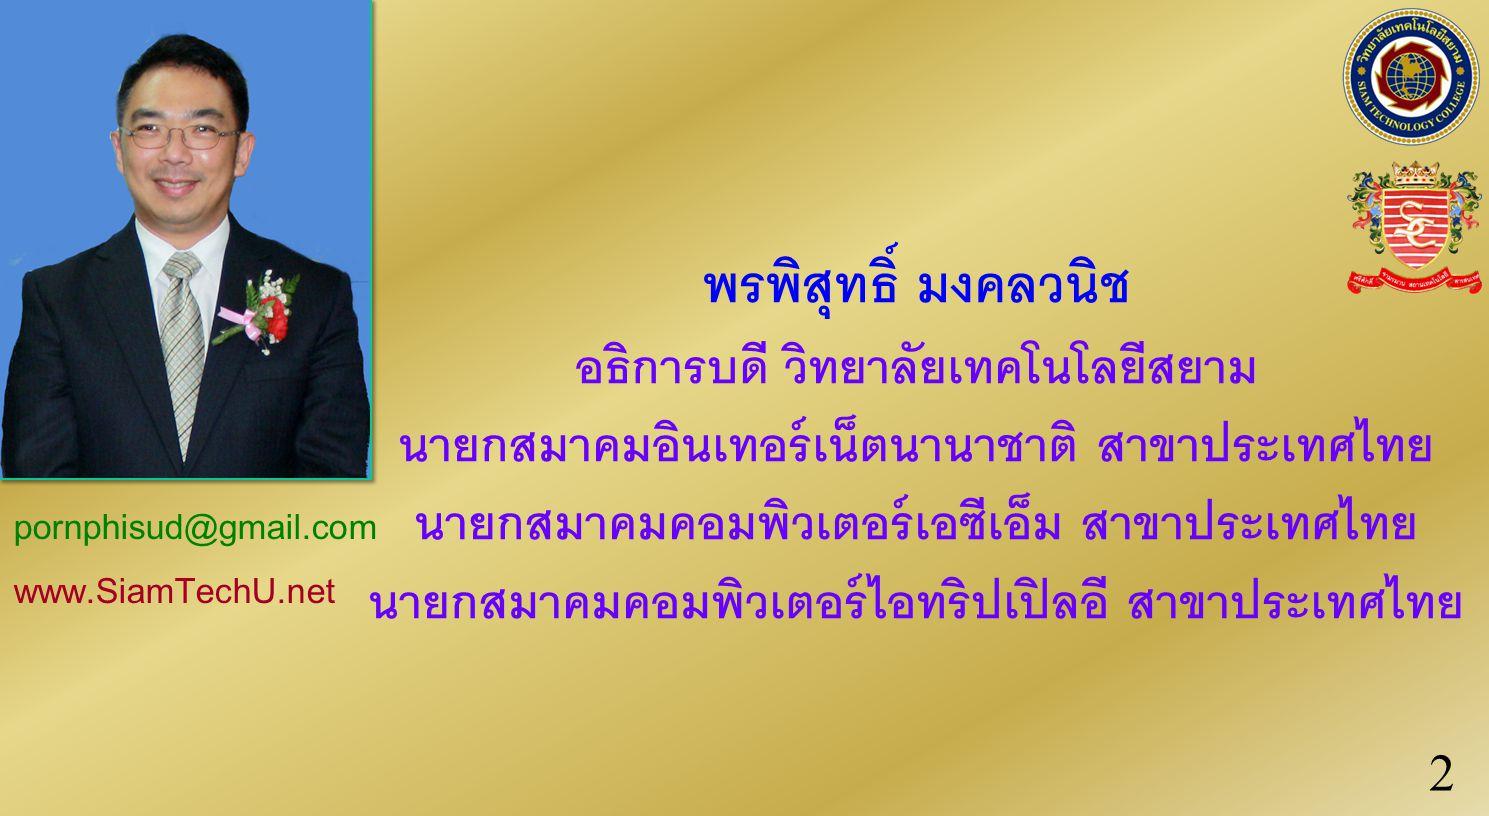 พรพิสุทธิ์ มงคลวนิช อธิการบดี วิทยาลัยเทคโนโลยีสยาม นายกสมาคมอินเทอร์เน็ตนานาชาติ สาขาประเทศไทย นายกสมาคมคอมพิวเตอร์เอซีเอ็ม สาขาประเทศไทย นายกสมาคมคอมพิวเตอร์ไอทริปเปิลอี สาขาประเทศไทย pornphisud@gmail.com www.SiamTechU.net 2